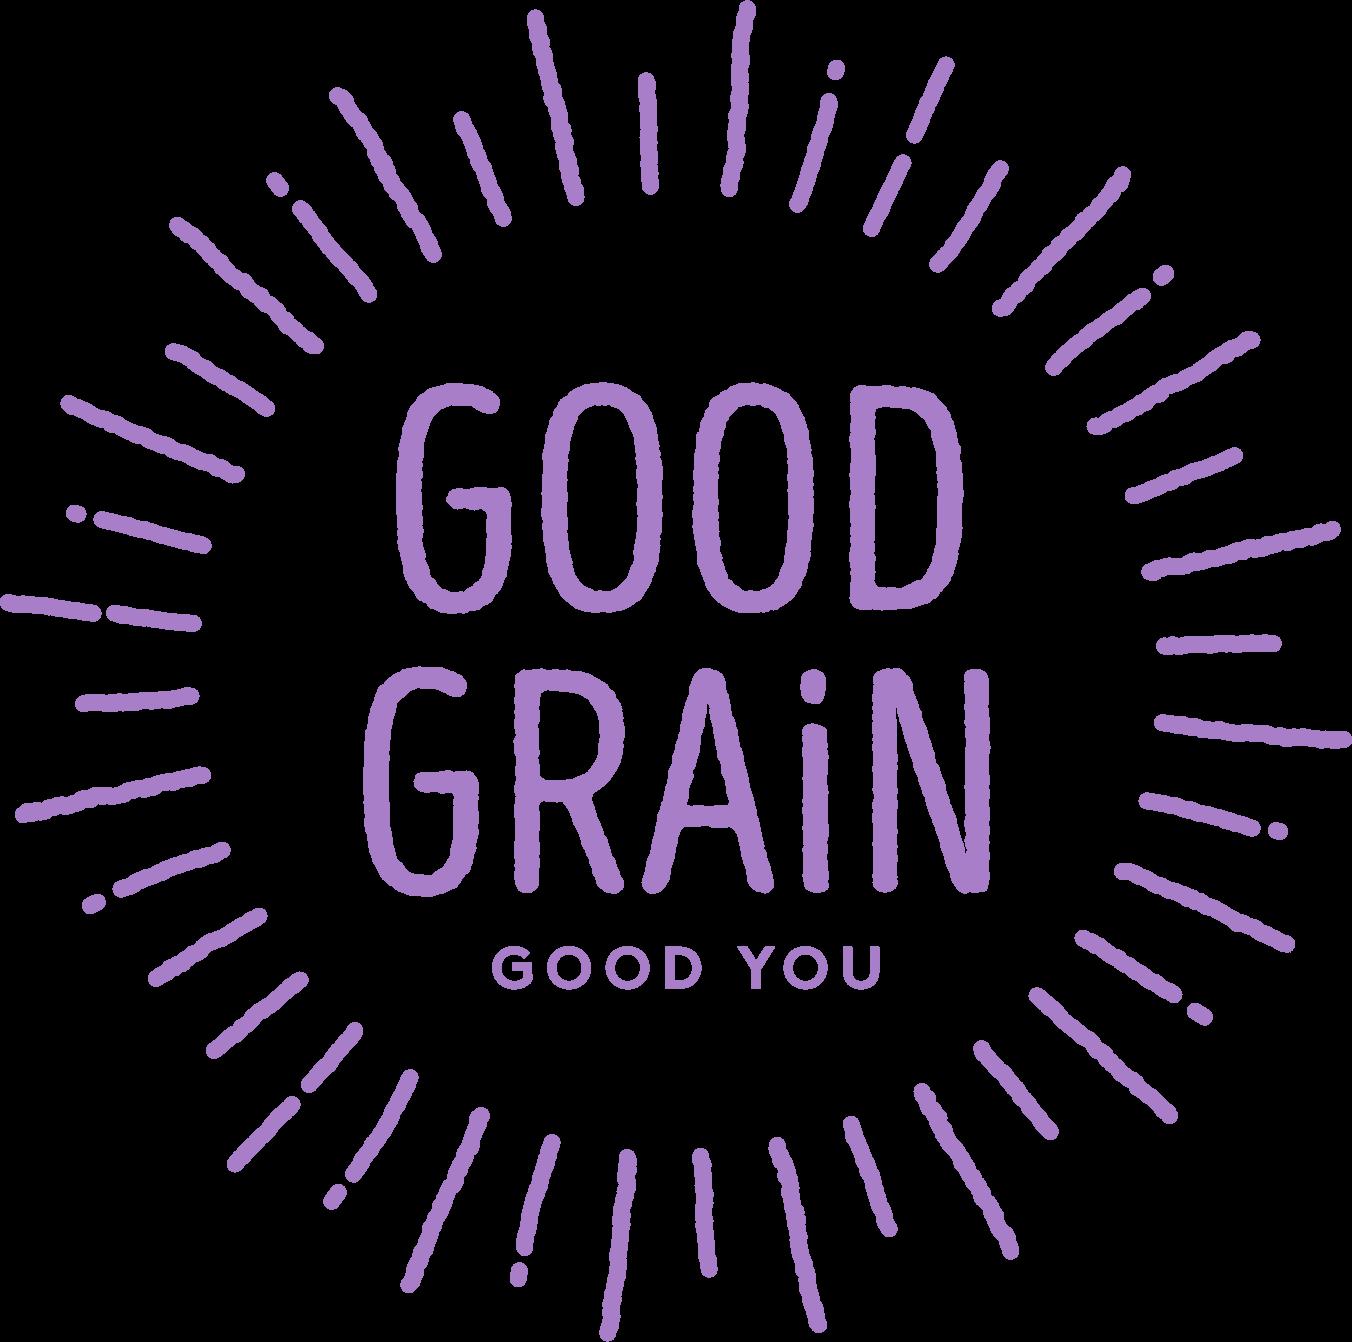 The Branding Source Good Grain Given Honest Overhaul By